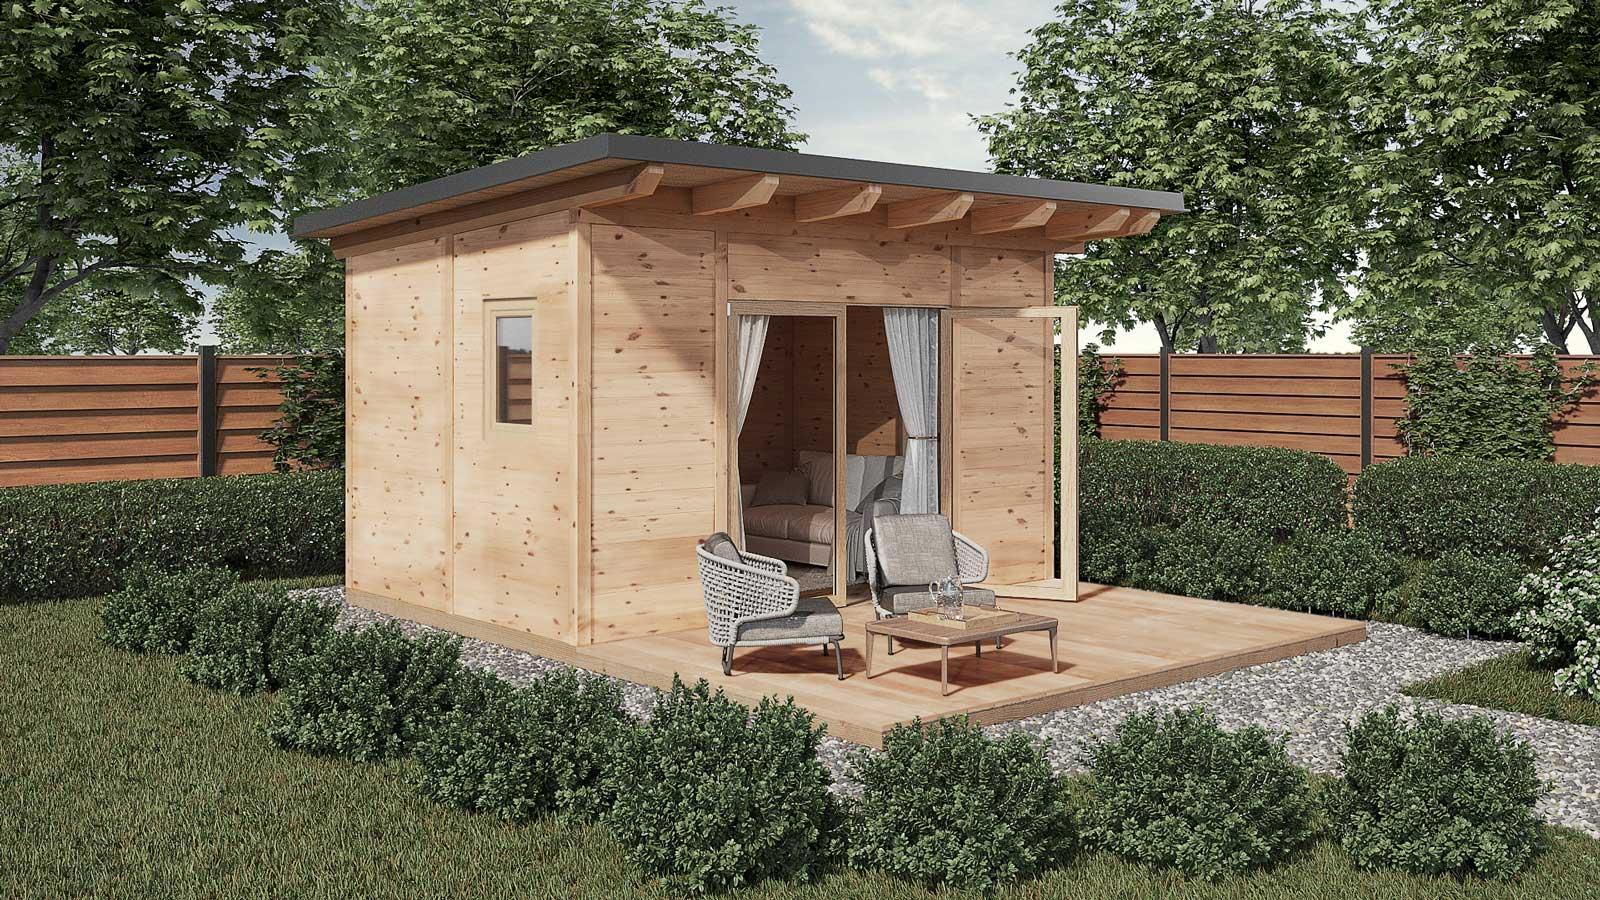 Gartenhaus Aus Holz Kaufen Individuelles Gartenhaus Planen Bauer Holz